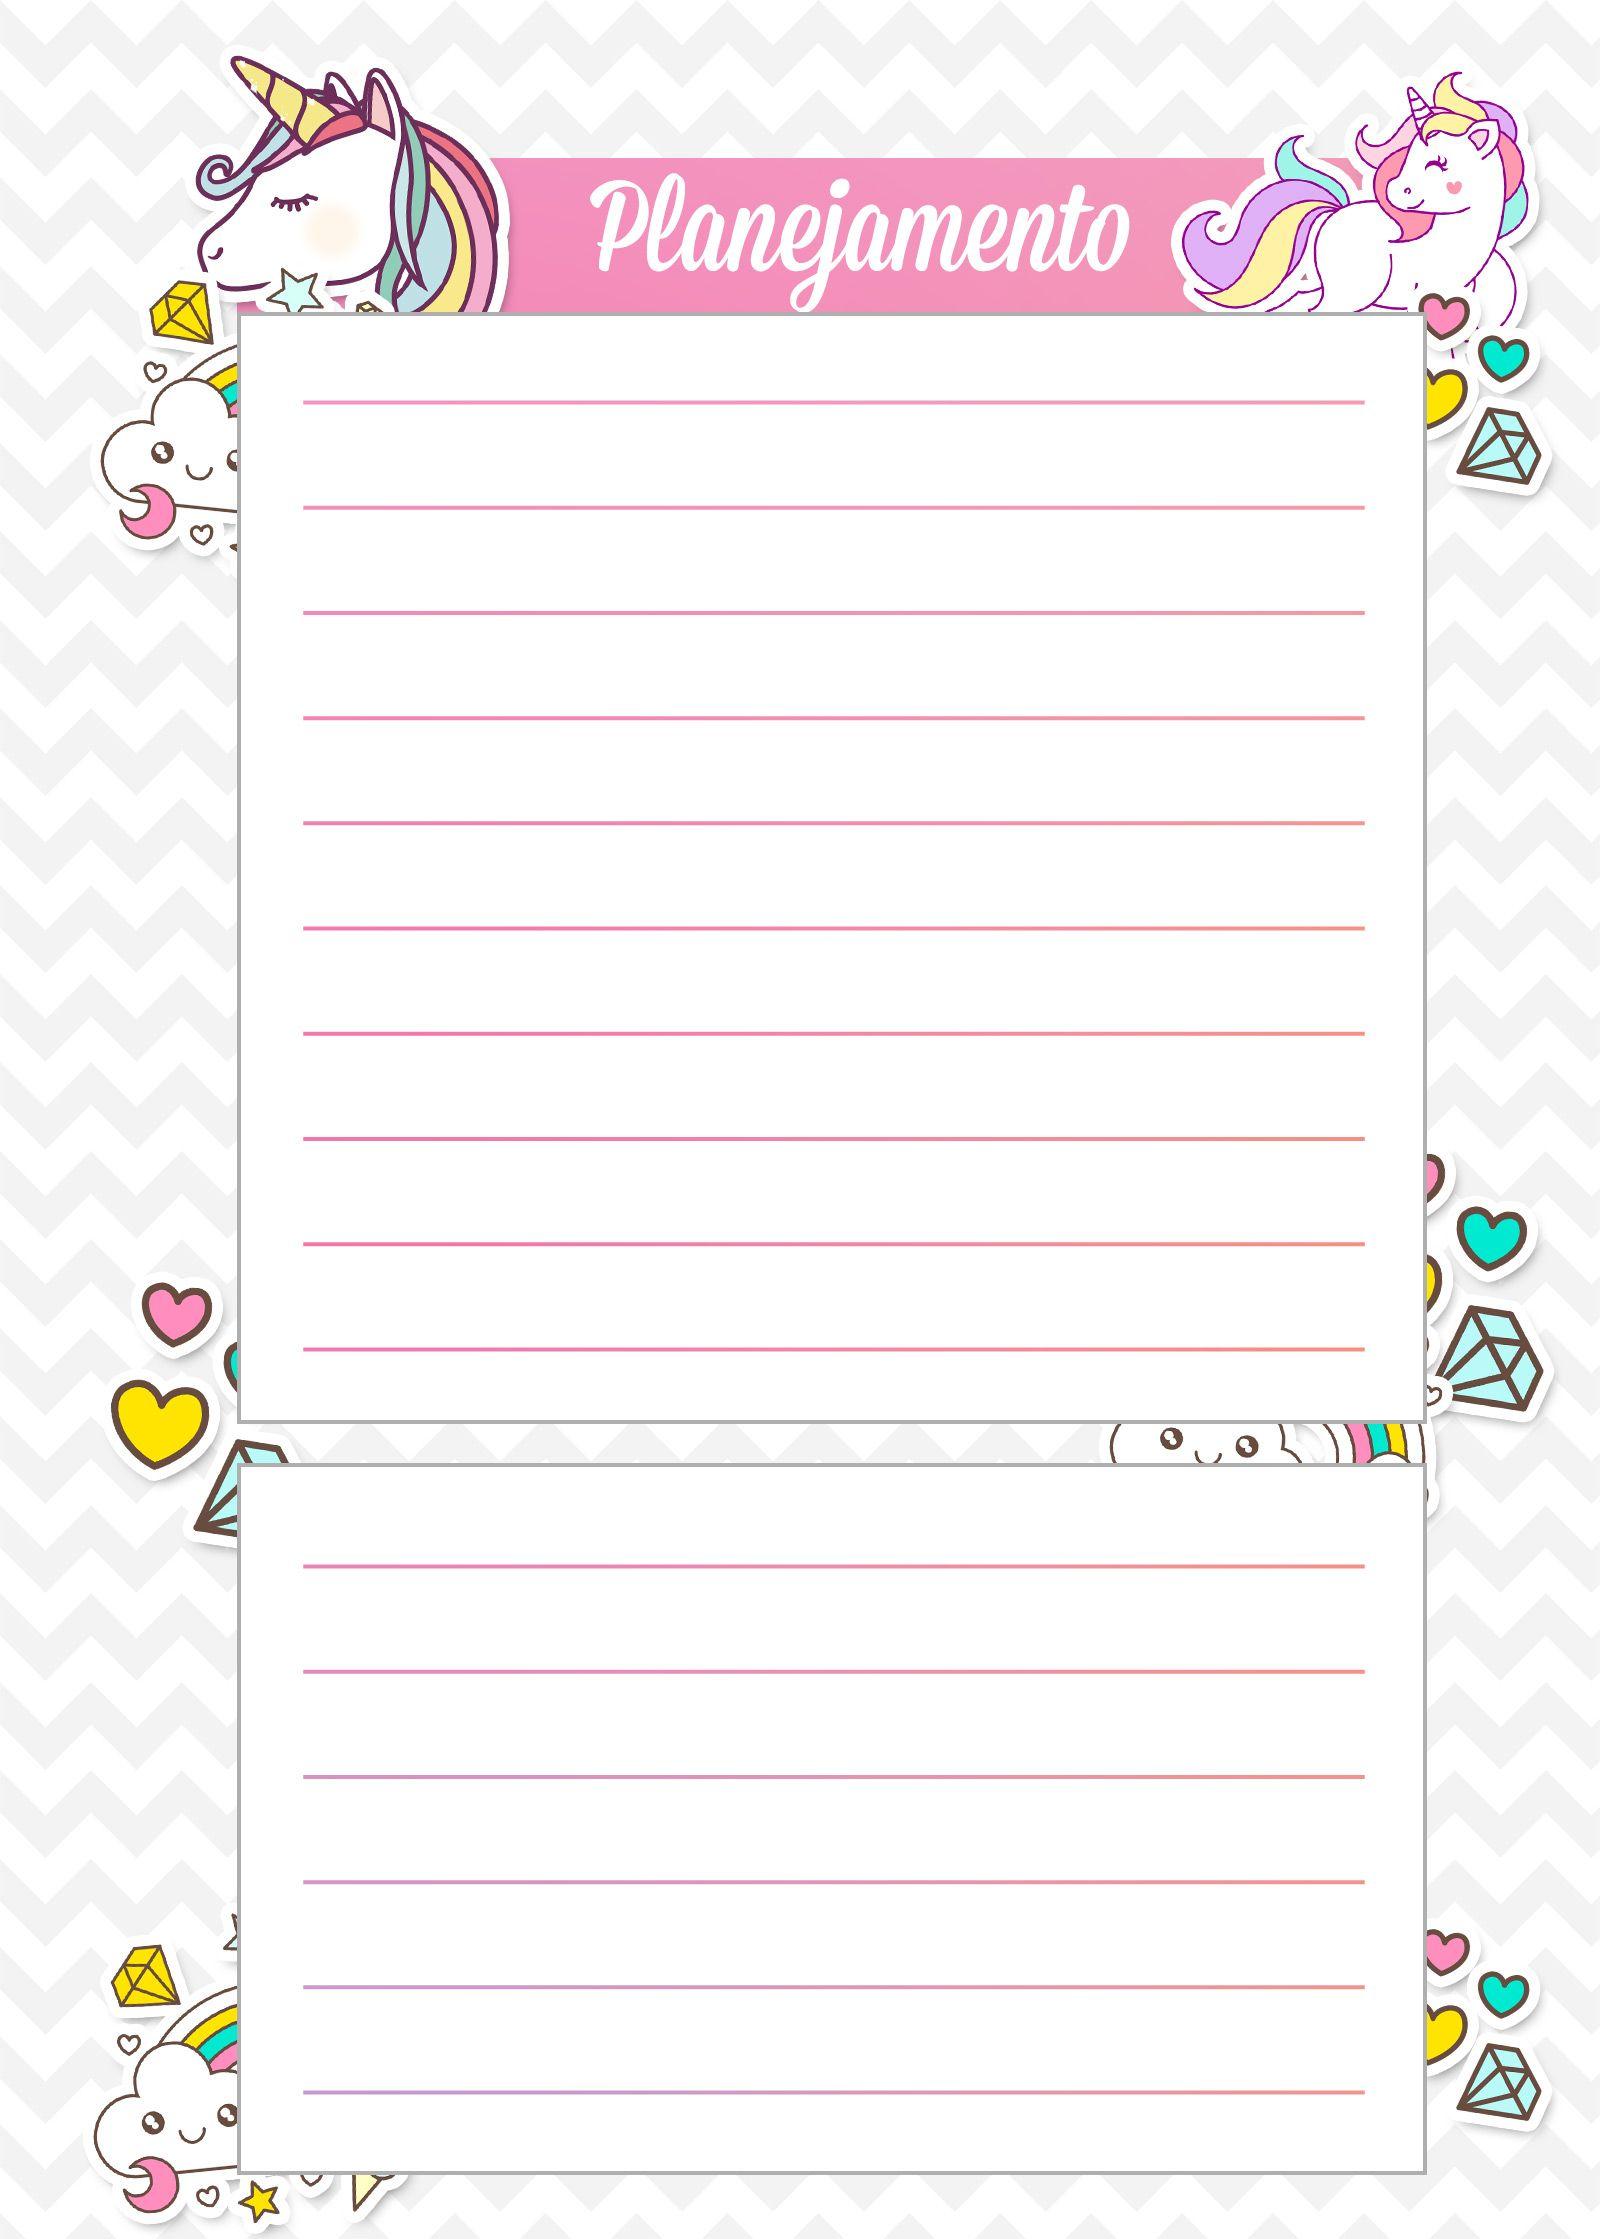 d53947d44 Planejamento Pedagógico, Planejamento Semanal, Decoração De Caderno, Planner  De Estudo, Coisas De